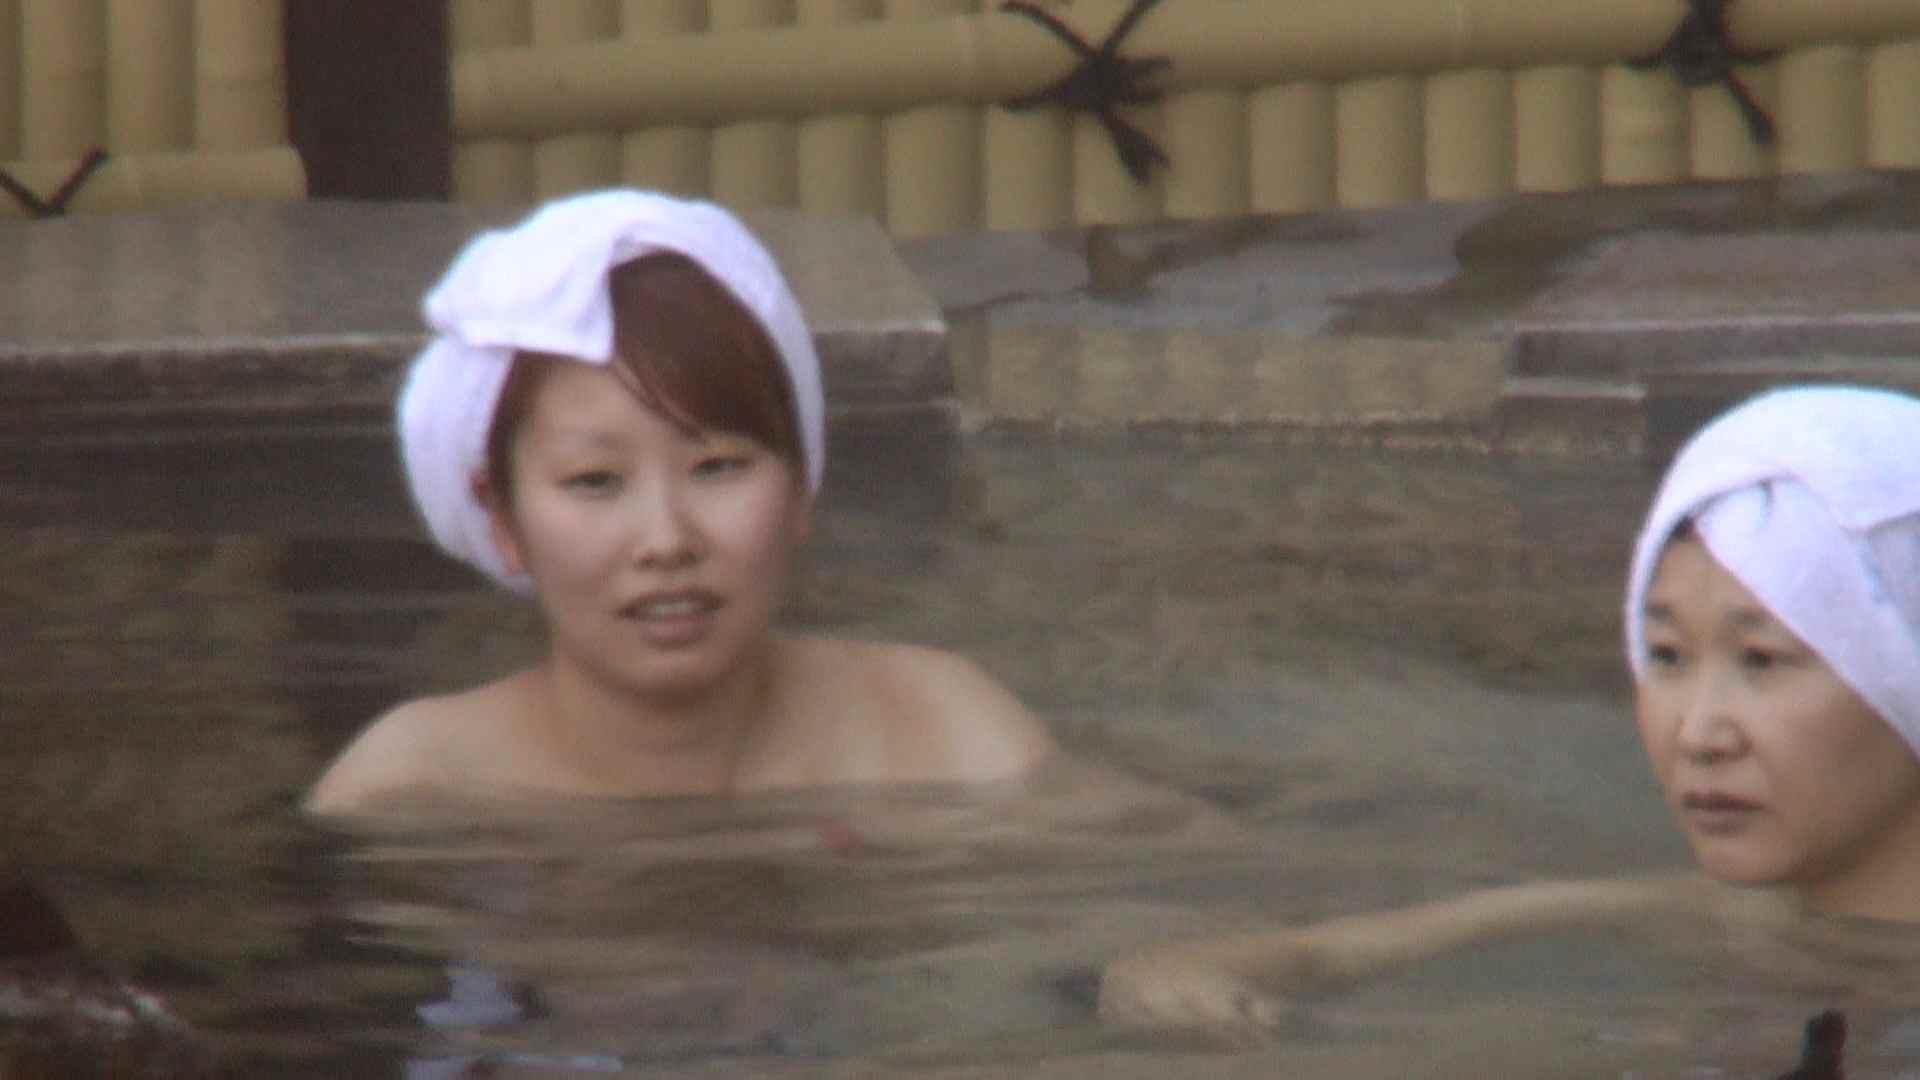 Aquaな露天風呂Vol.210 OLのエロ生活 | 盗撮  83連発 40